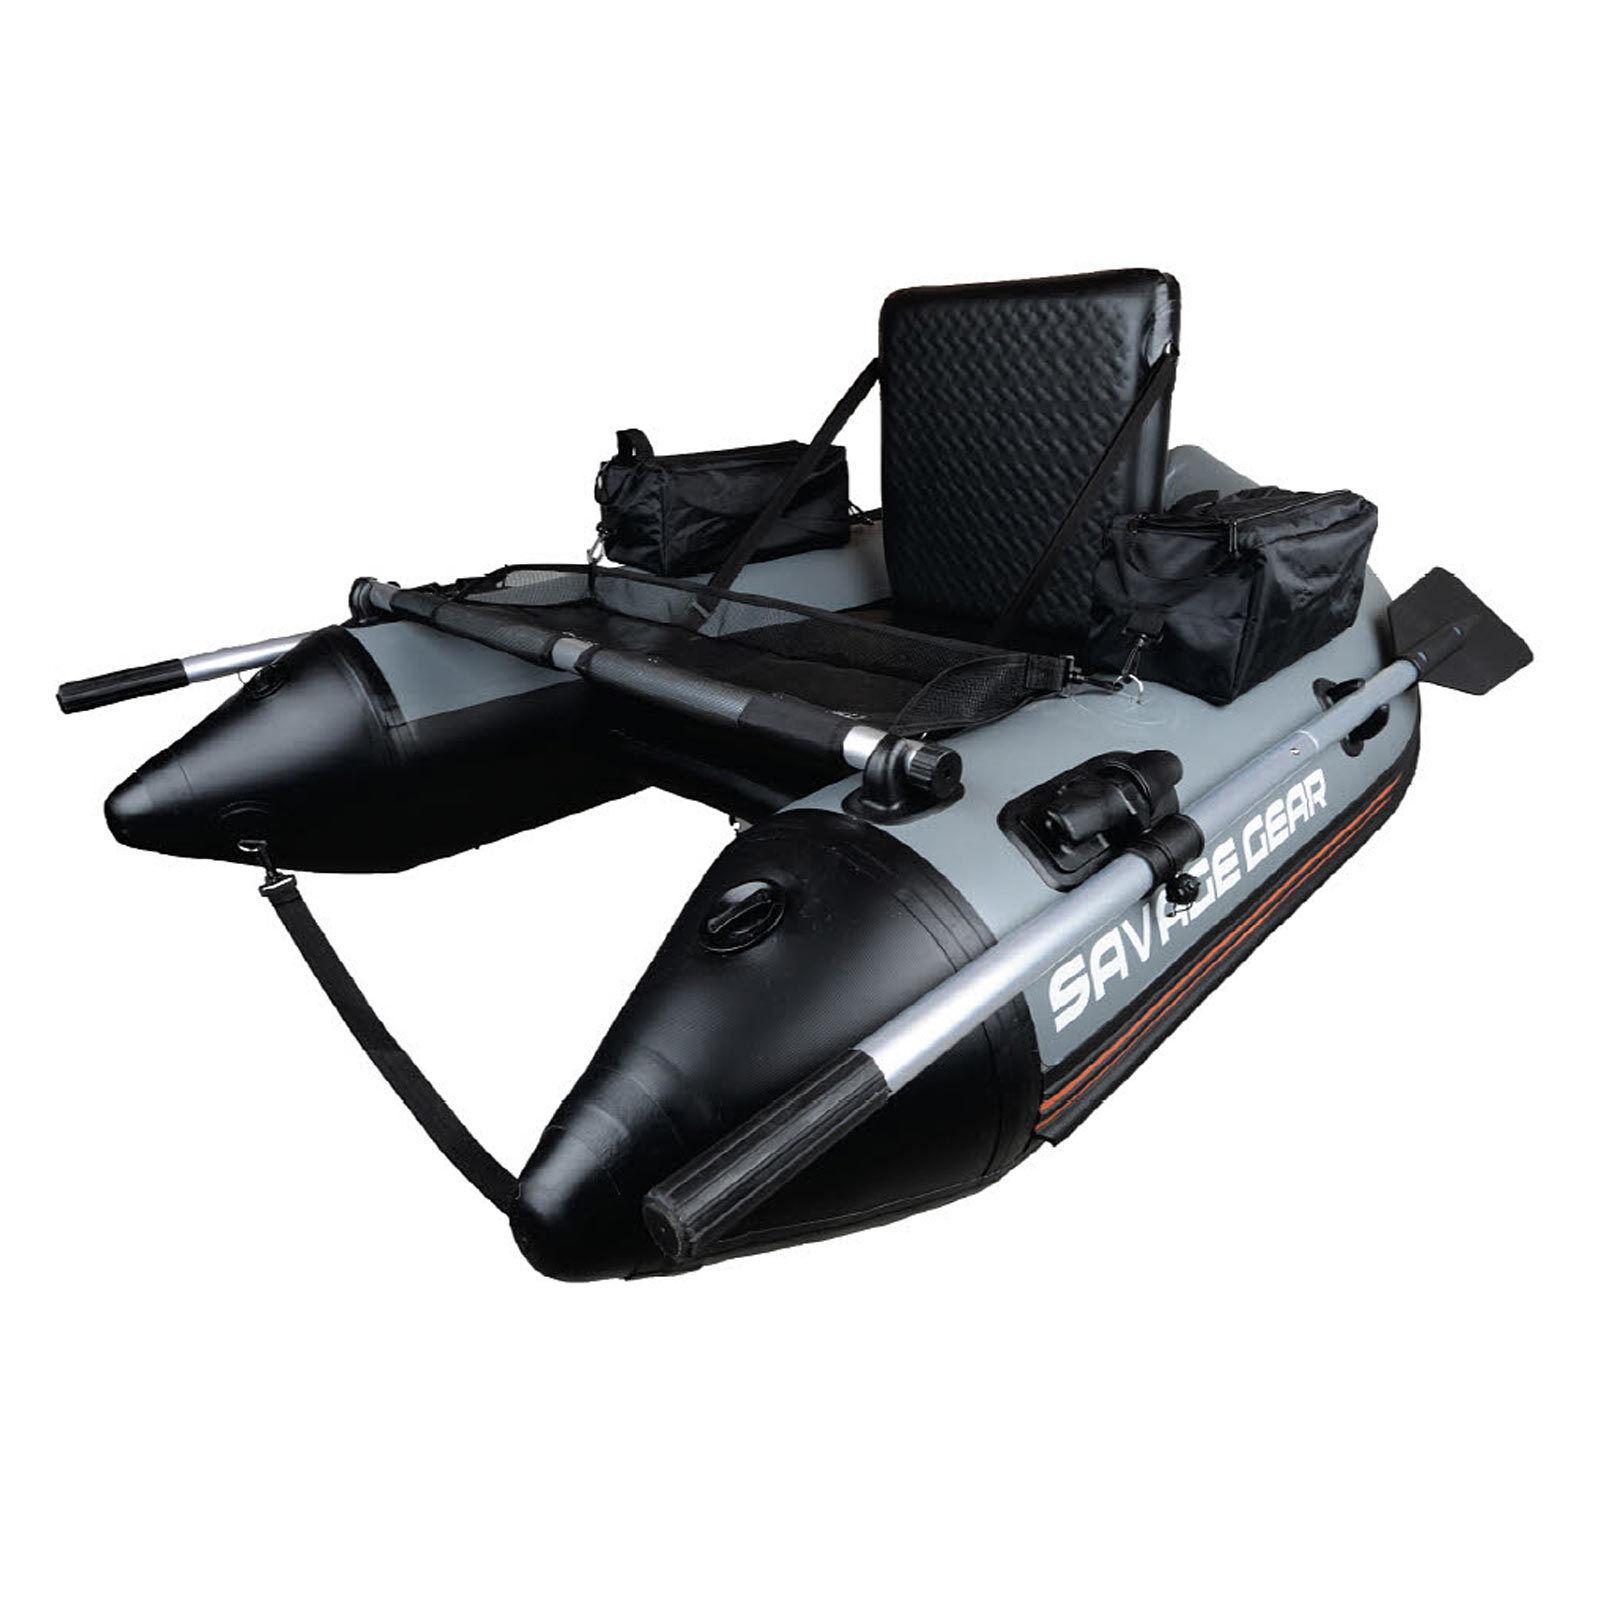 Savage gear vientre barco pesca barco - jinete alto vientre 170